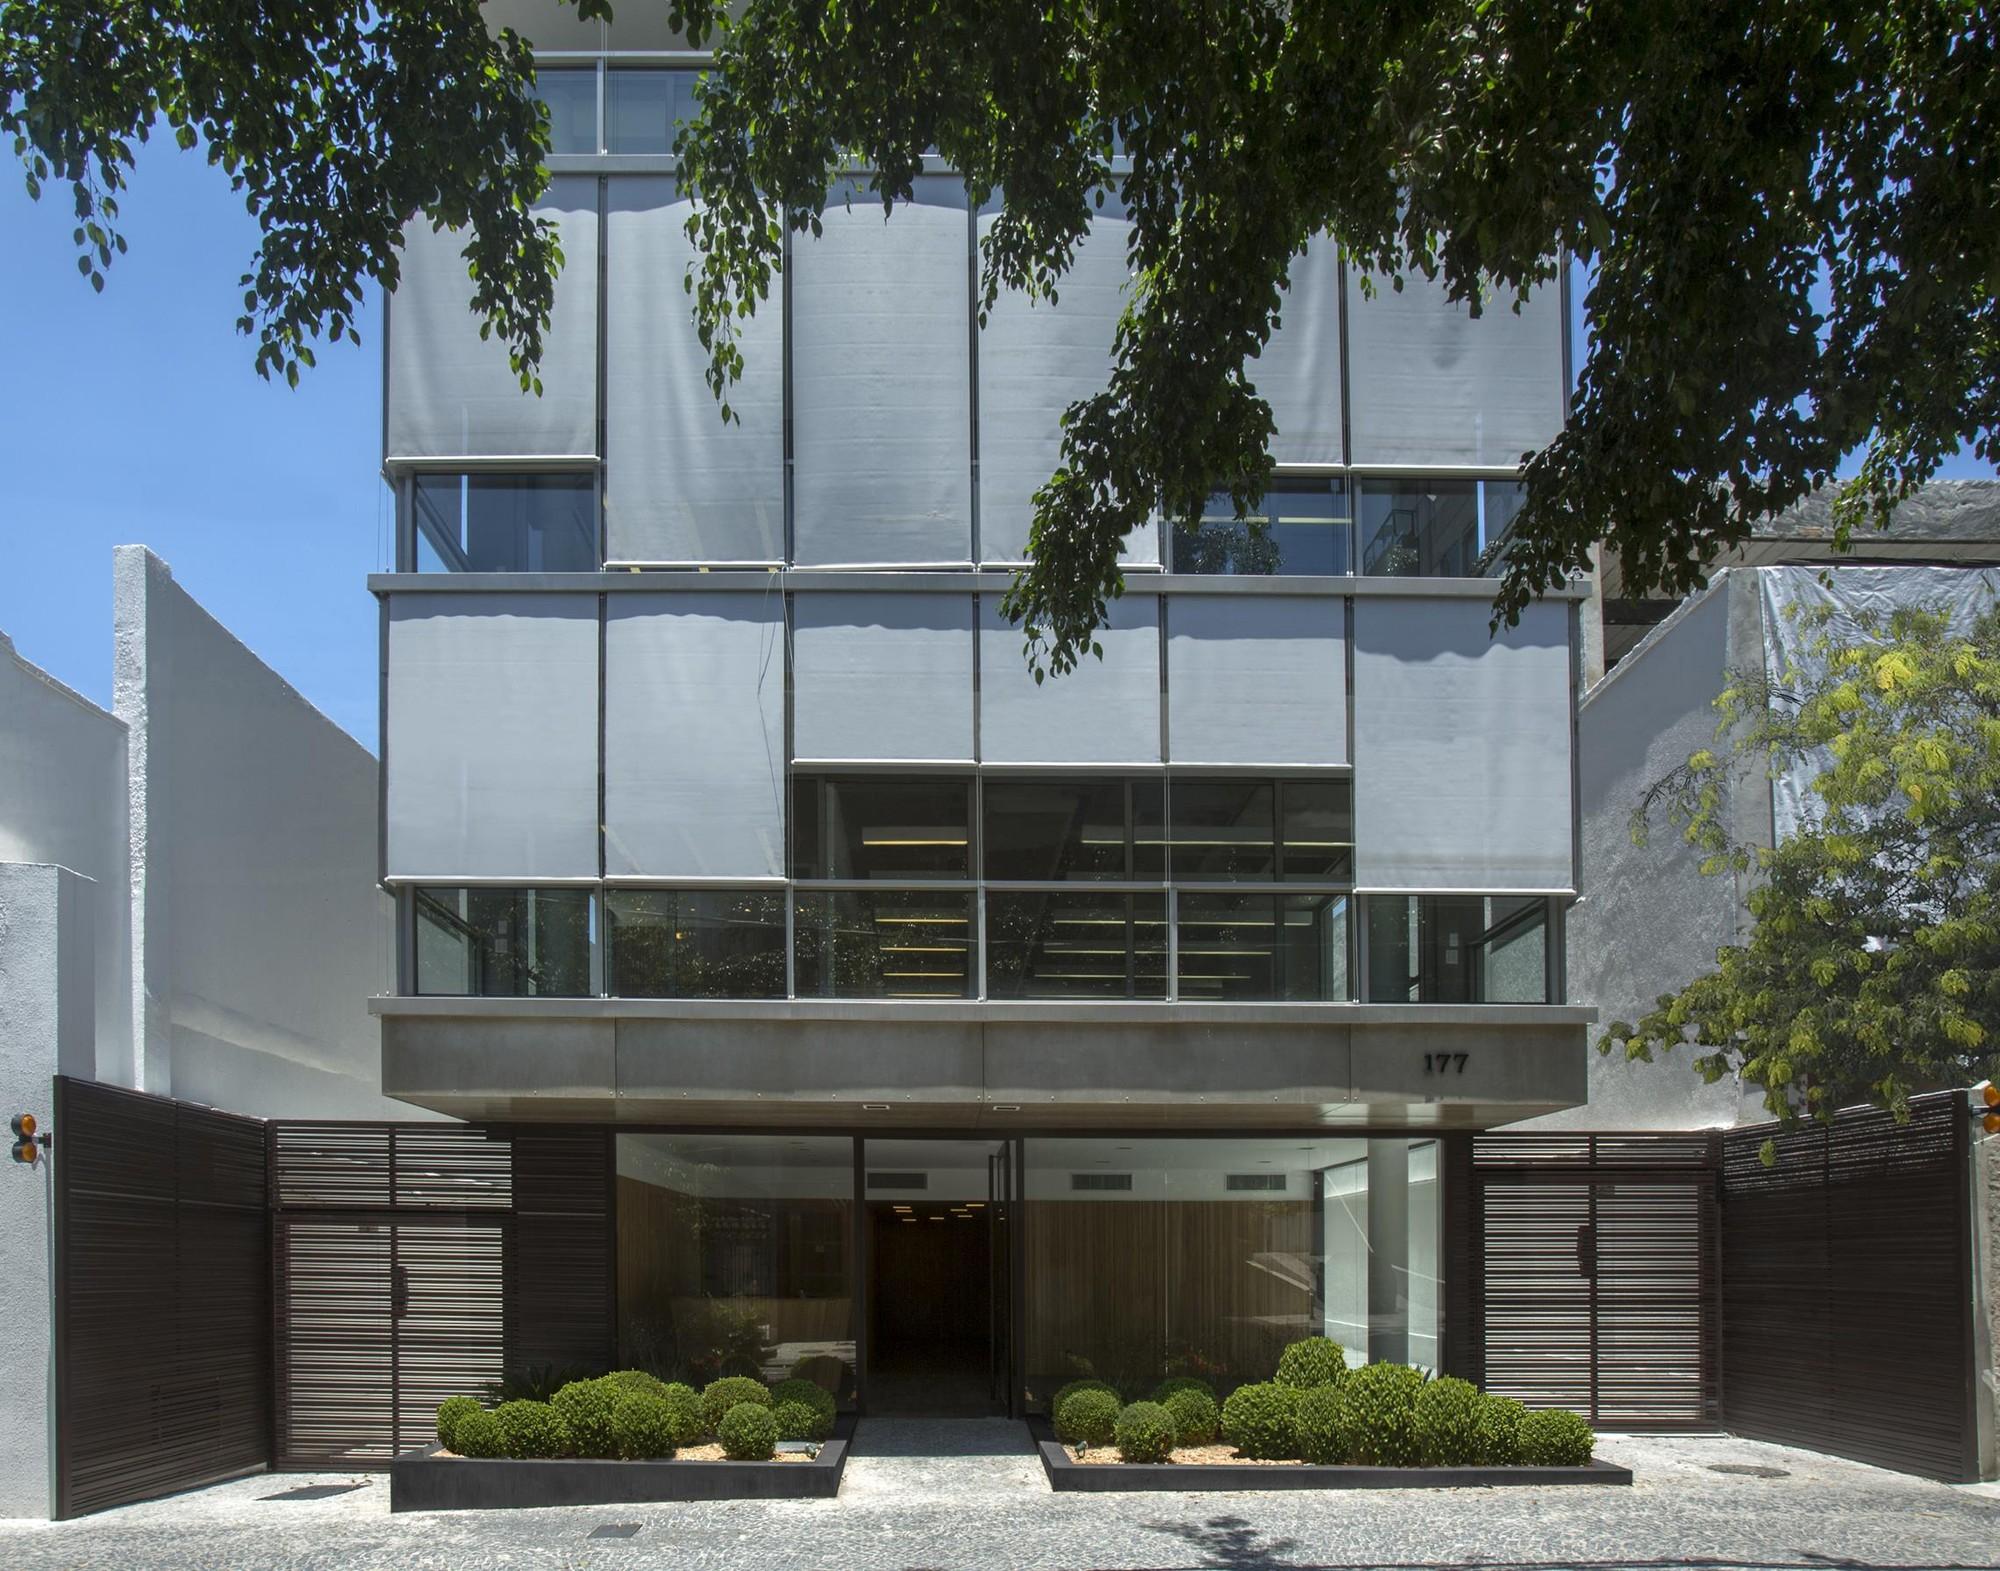 Edifício Lopes Quintas / Gisele Taranto Arquitetura, © André Nazareth